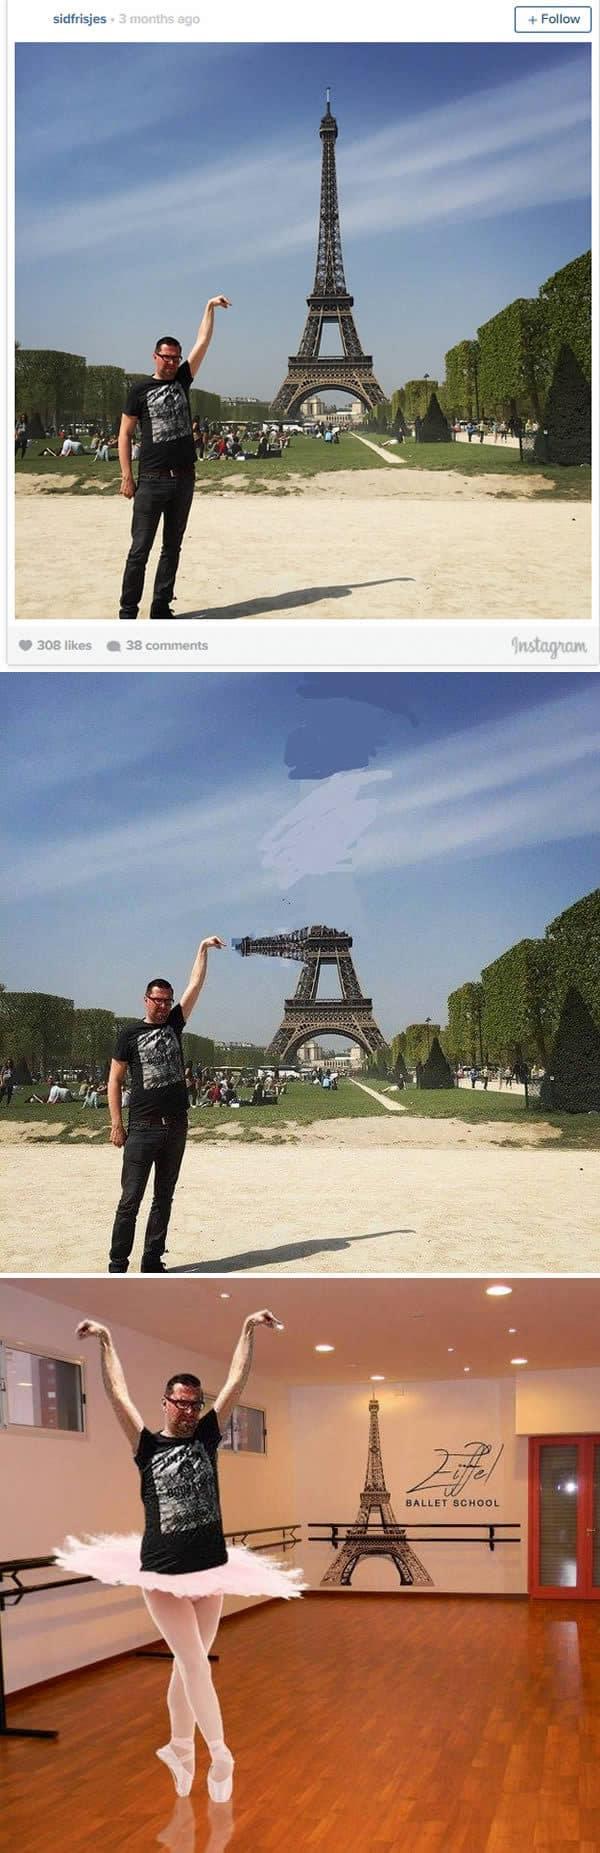 Brincar-com-Photoshop-3